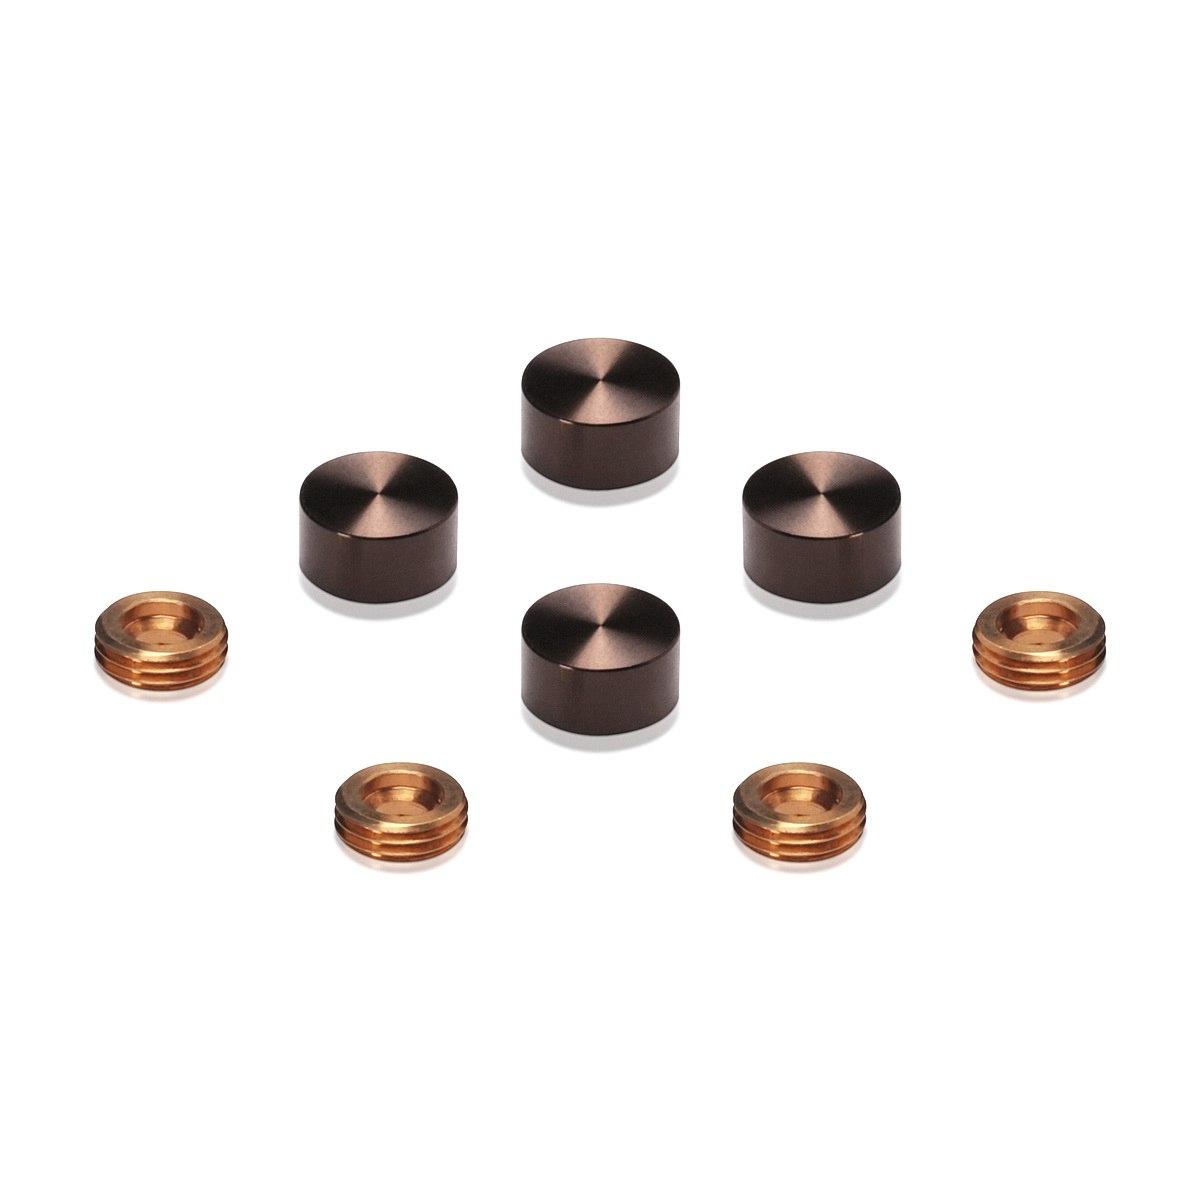 Set of 4 Screw Cover, Diameter: 1/2'', Aluminum Bronze Anodized Finish